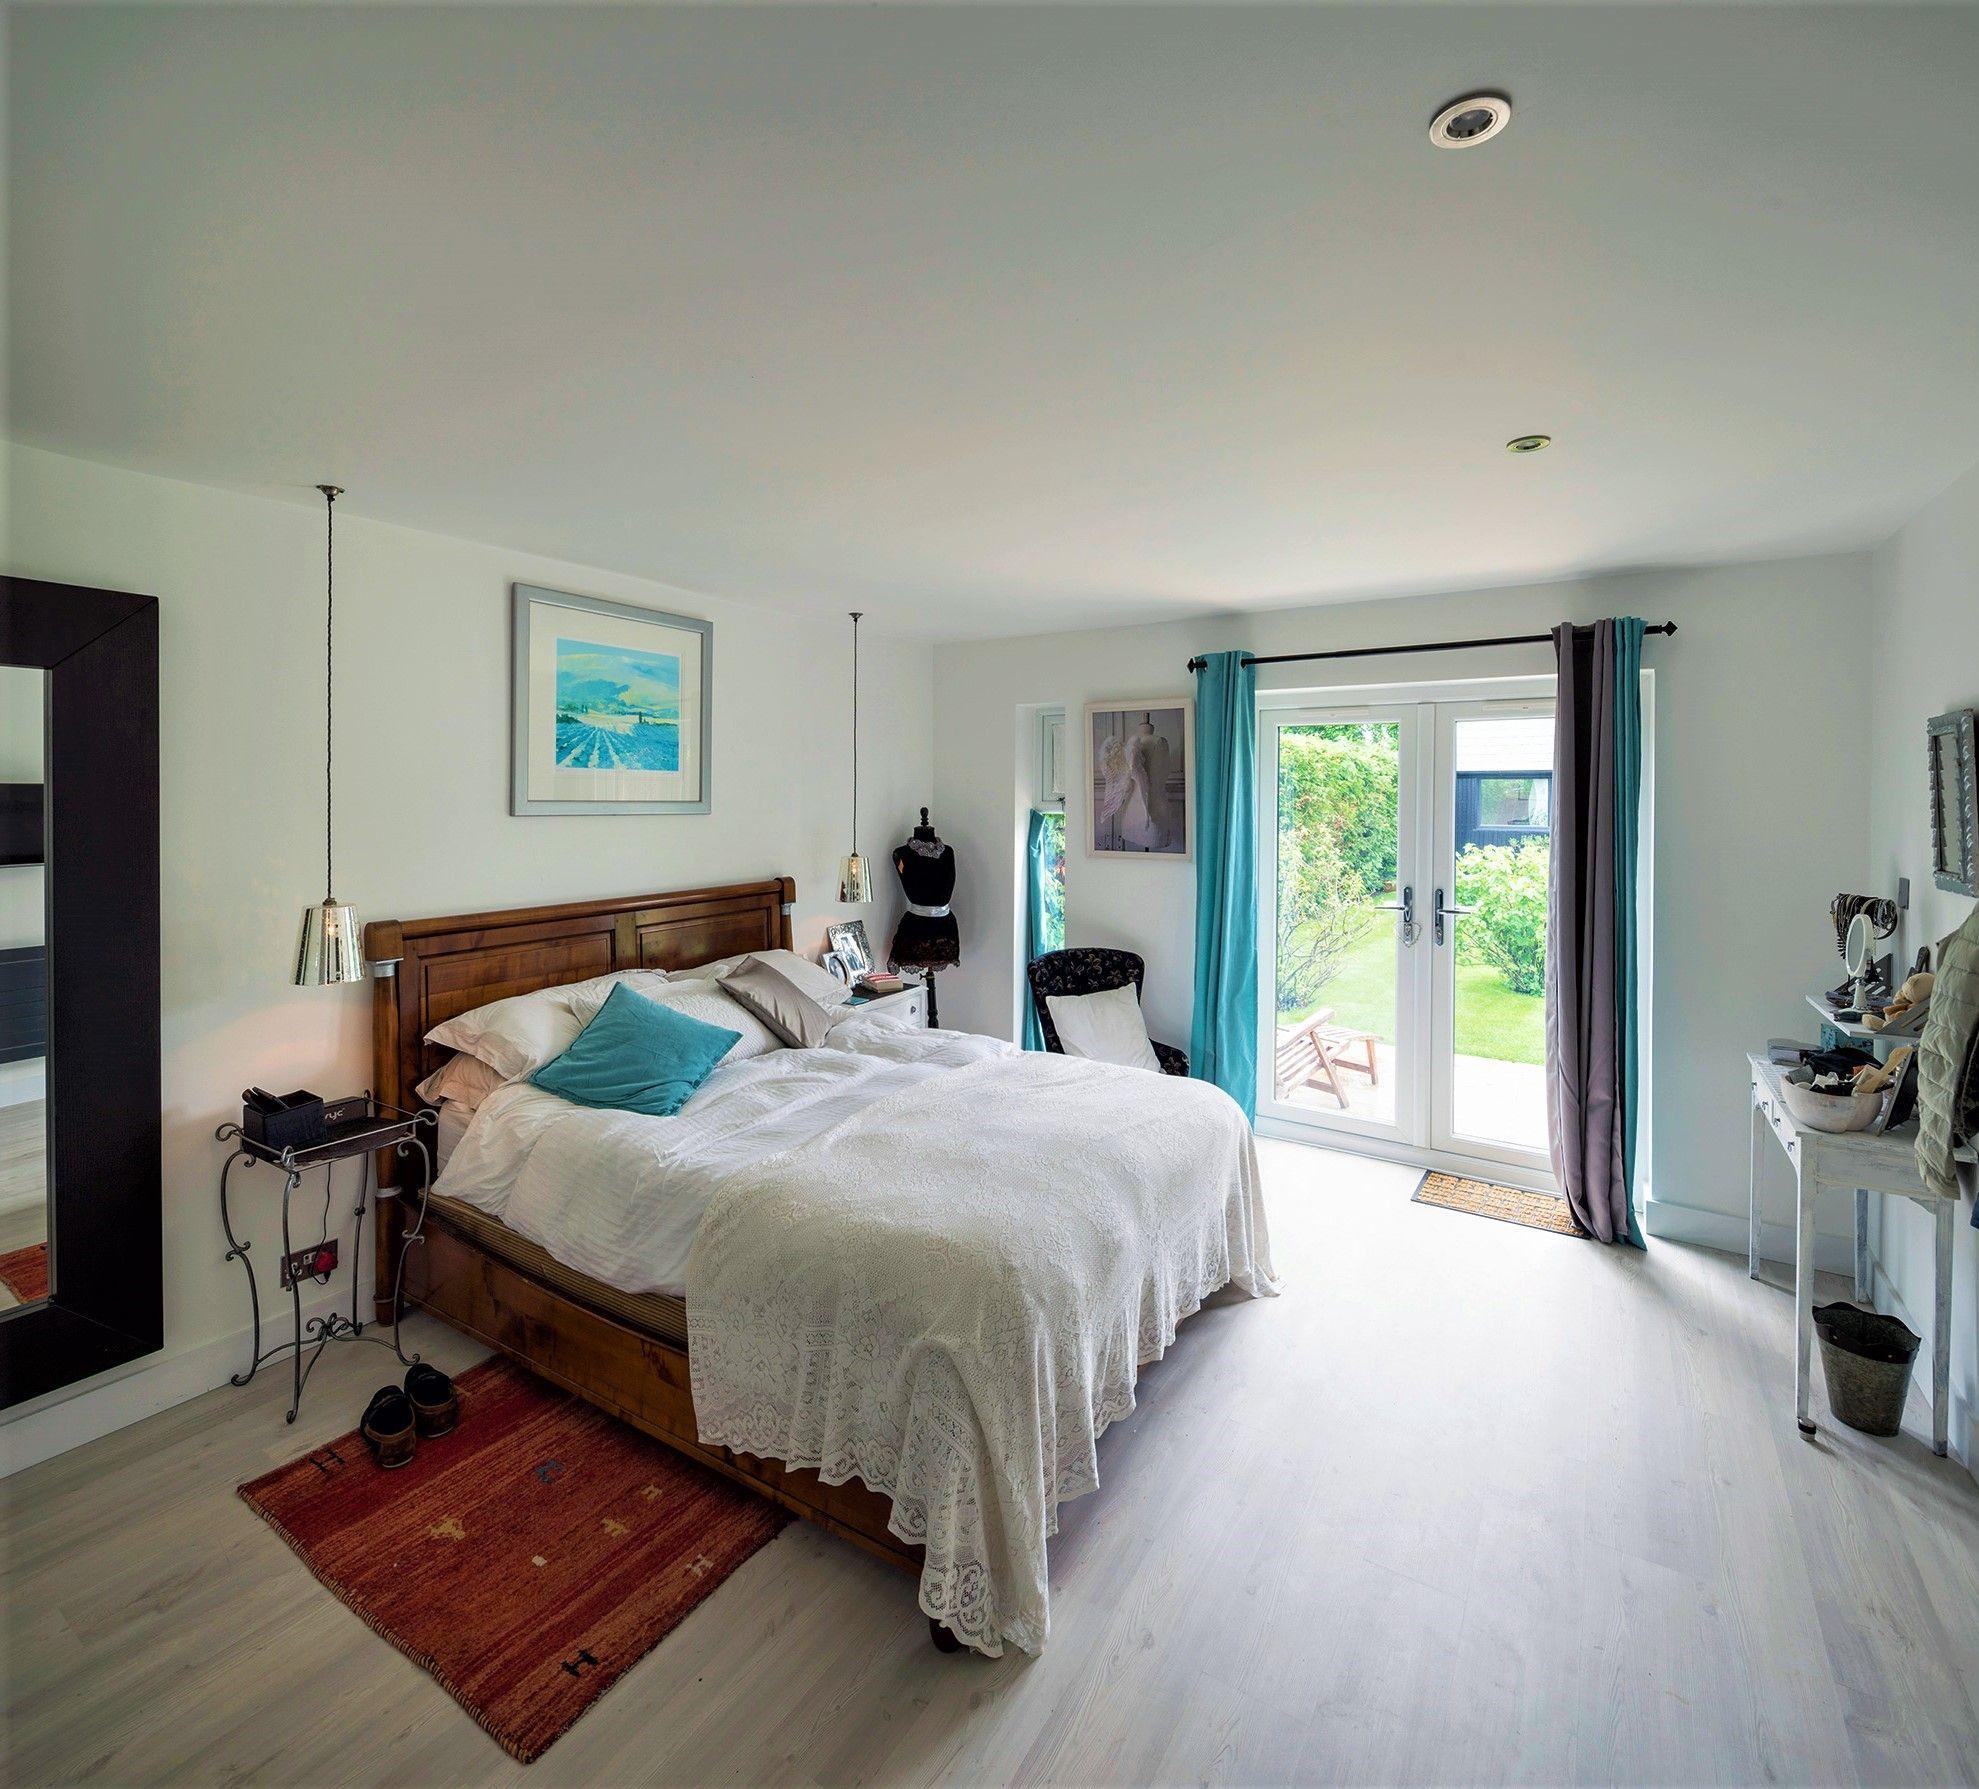 5 Bedroom / 5 Bathroom / 1 Garage Open-Plan Bungalow Plans ...